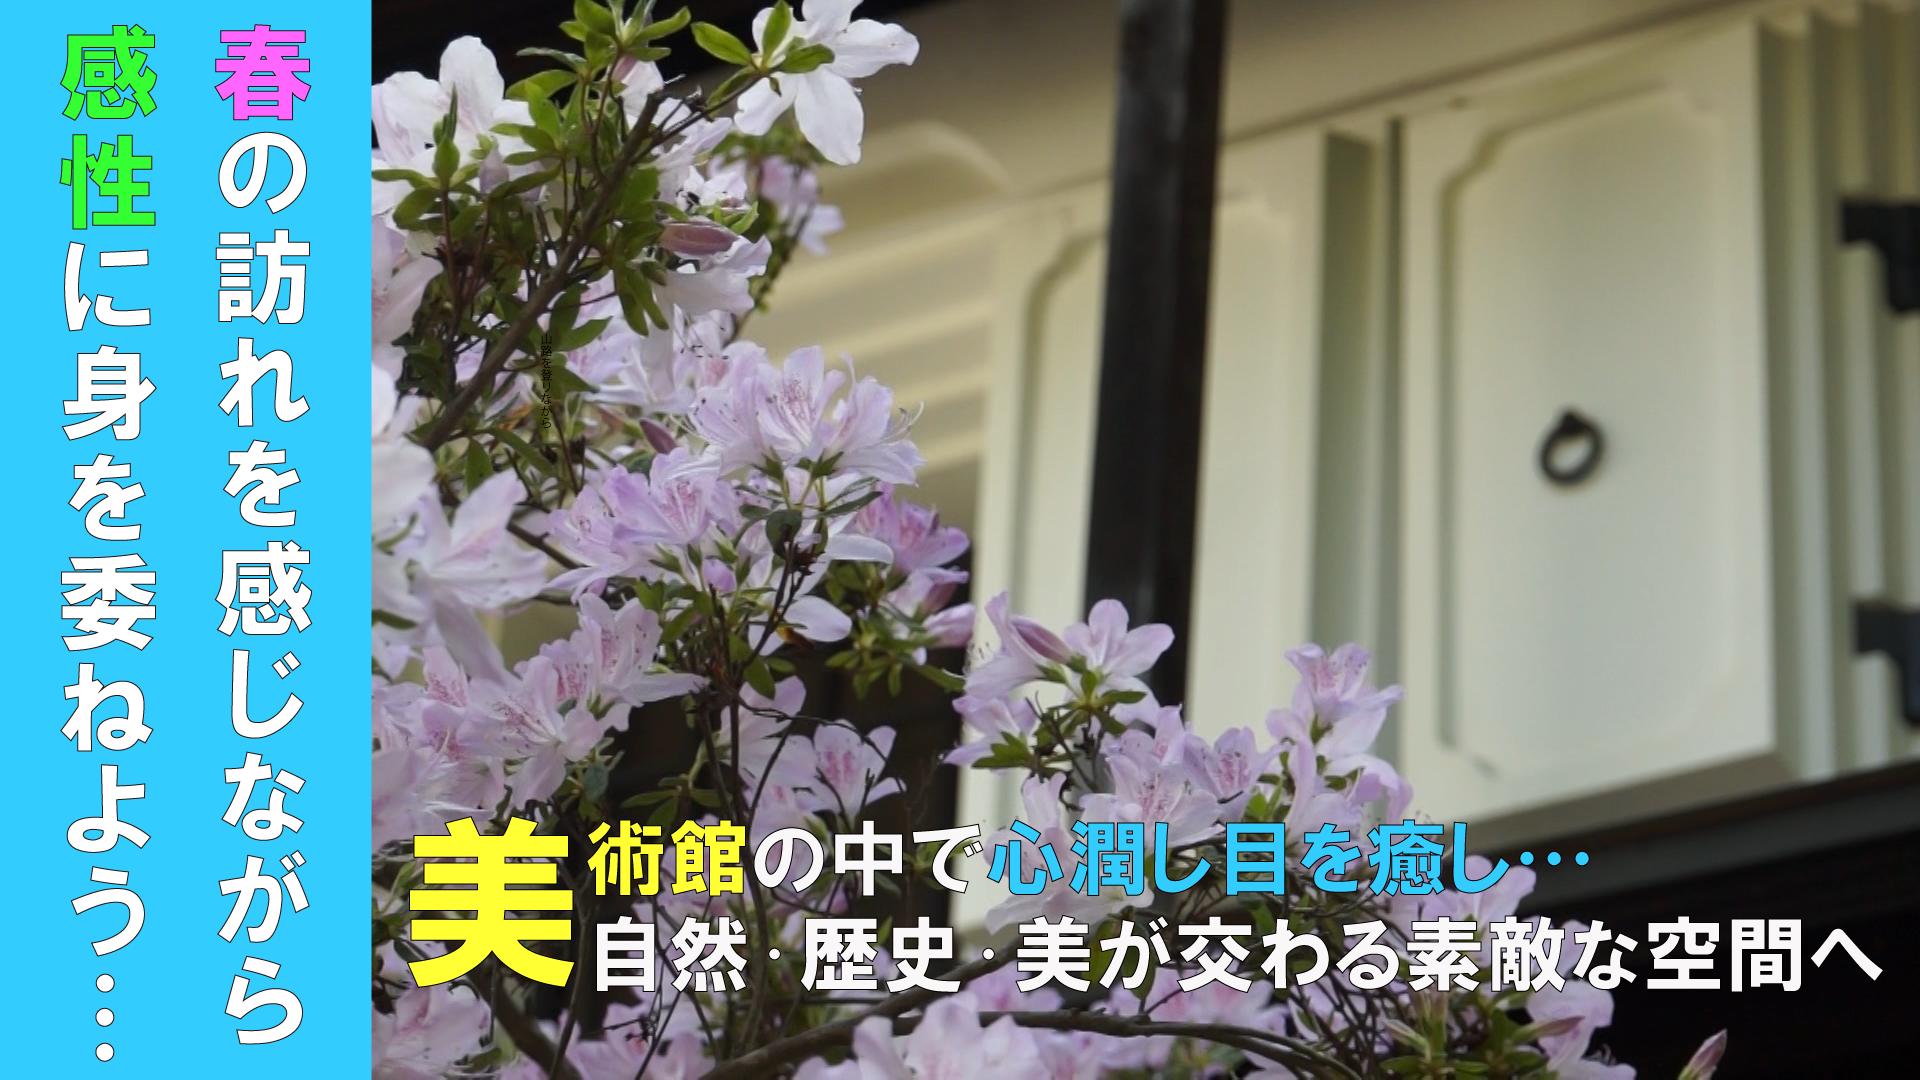 やませ蔵美術館 2018春開館中(H30.5.11~27(金土日))